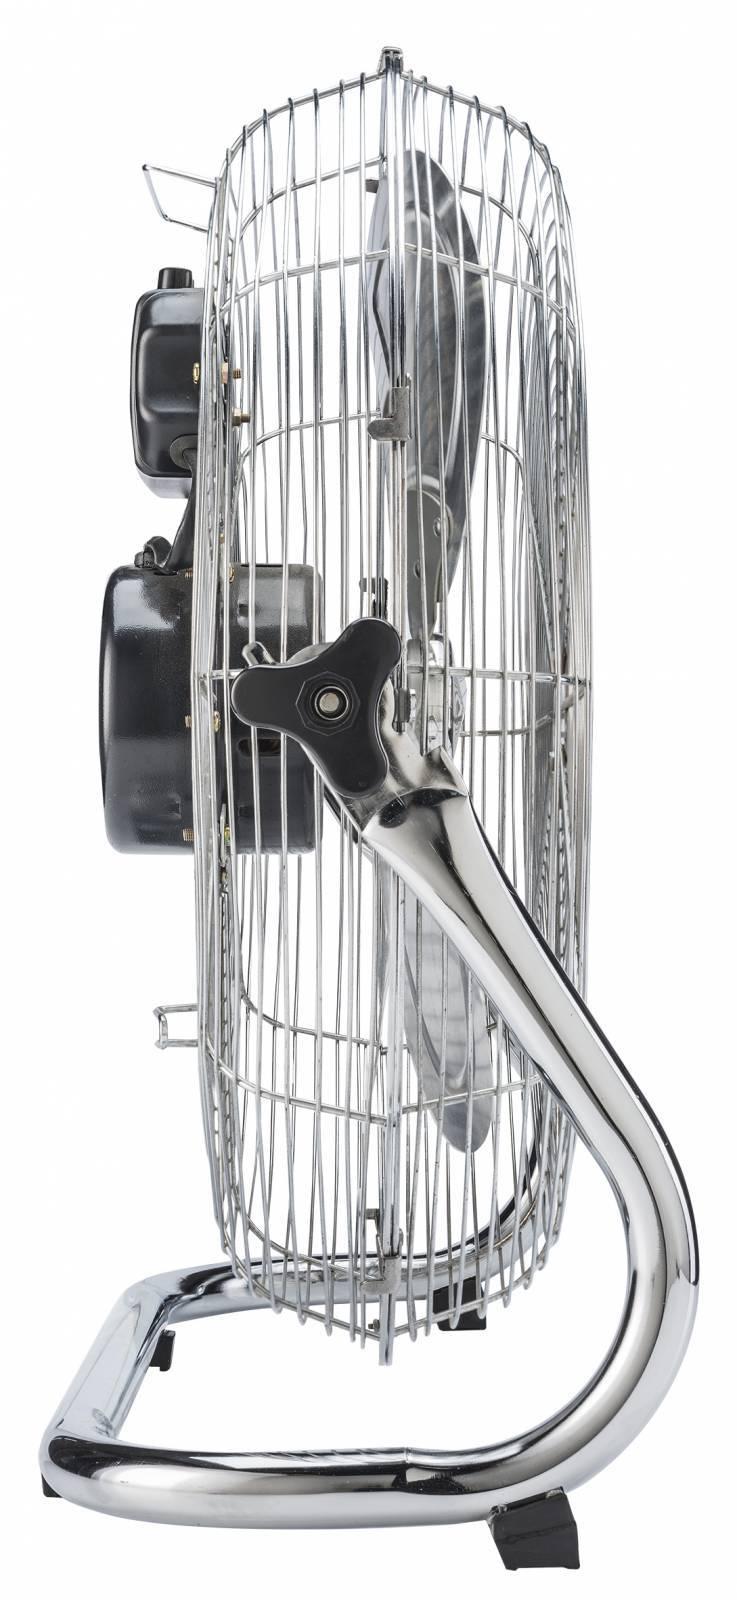 Circulador De Ar Aço 50cm Turbo Chrome Ventisol - LCGELETRO